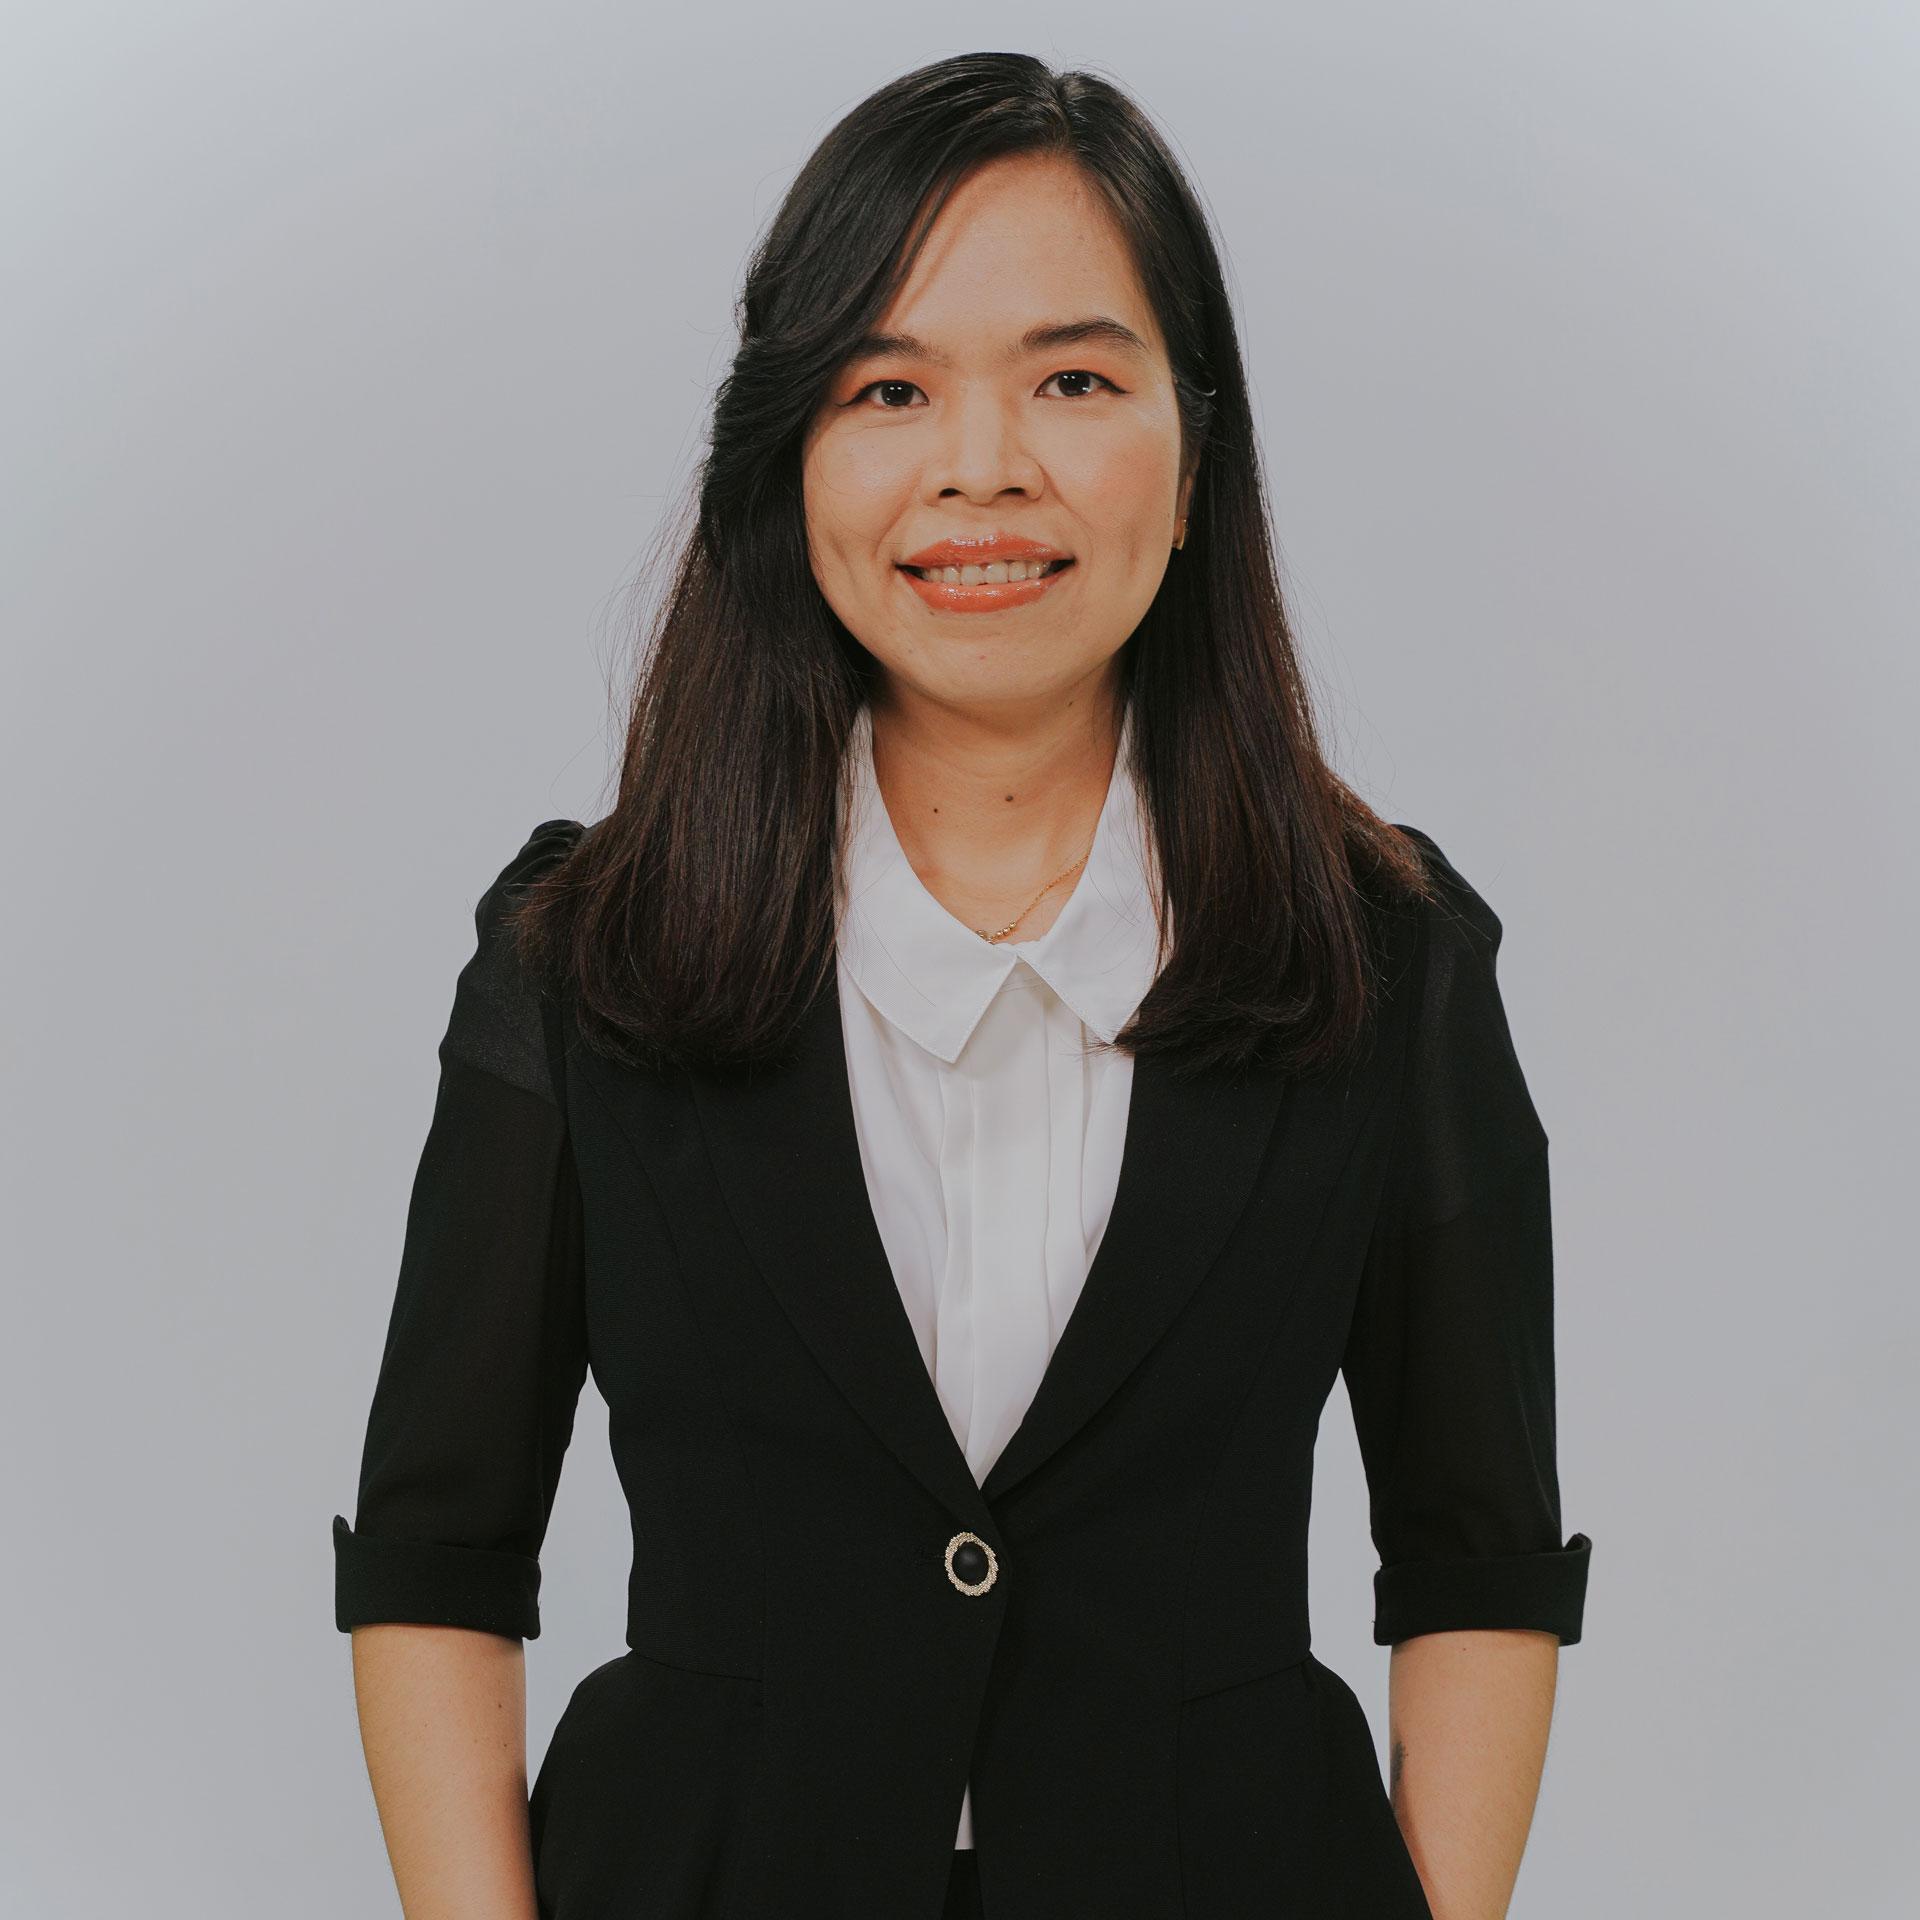 Võ Thị Hồng Phương, sinh năm 1987, Giám đốc Trung tâm Ứng dụng khoa học dữ liệu của FPT Telecom.